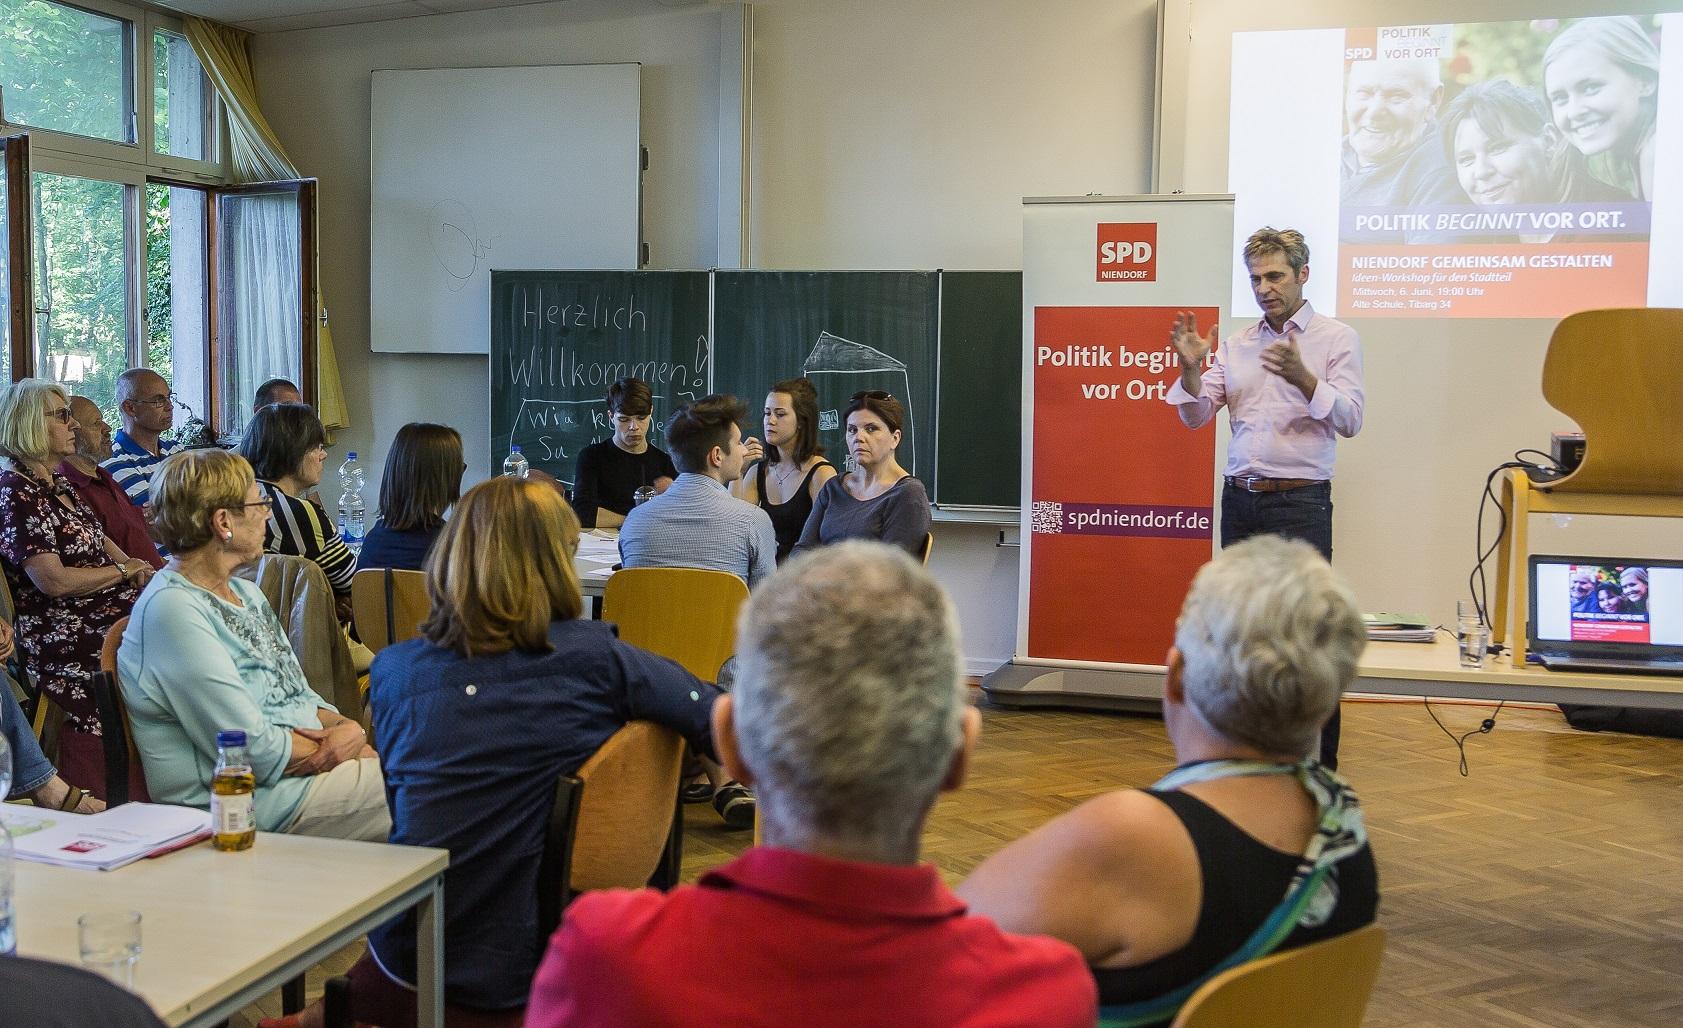 """Niendorf gemeinsam gestalten"""" – Gute Ideen und Diskussionen bei ..."""